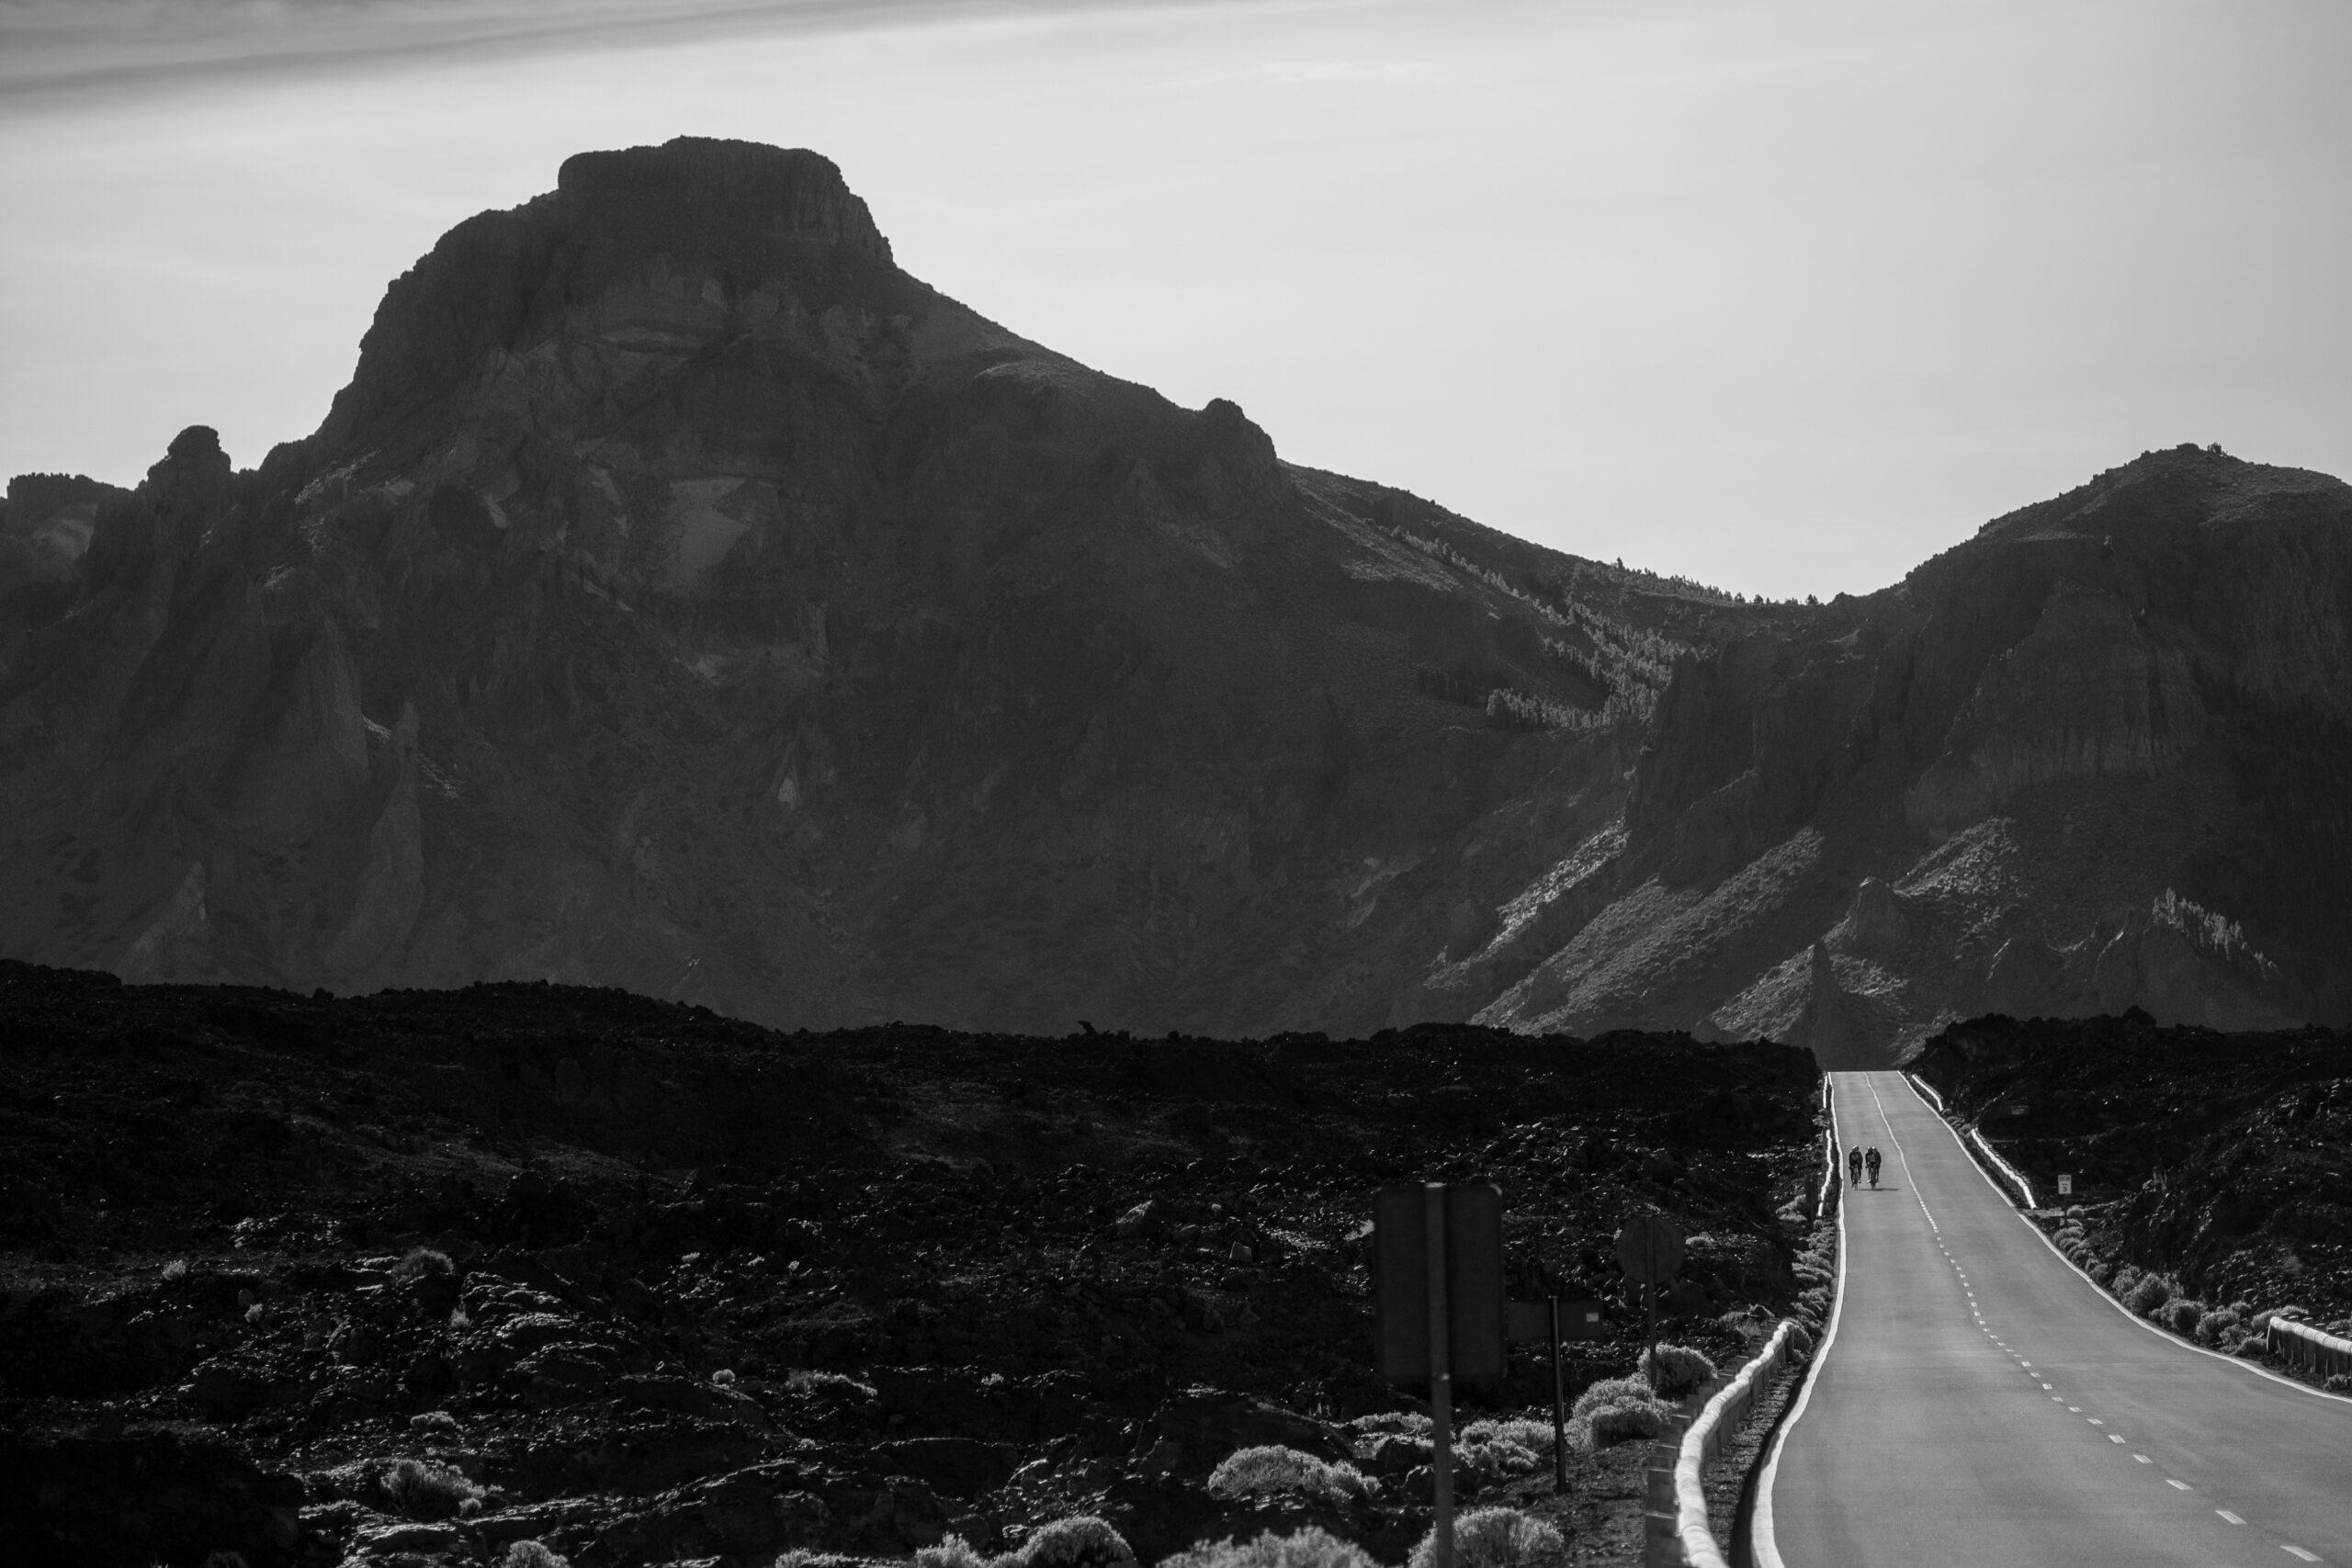 Primer Premio. Categoría: Deportes (Serie). El pequeño pelotón de cuatro ciclistas comienza su entrenamiento por las Cañadas del Teide. Al fondo de la imagen el Roque Guajara. Enero 30, 2019. Andrés Gutiérrez